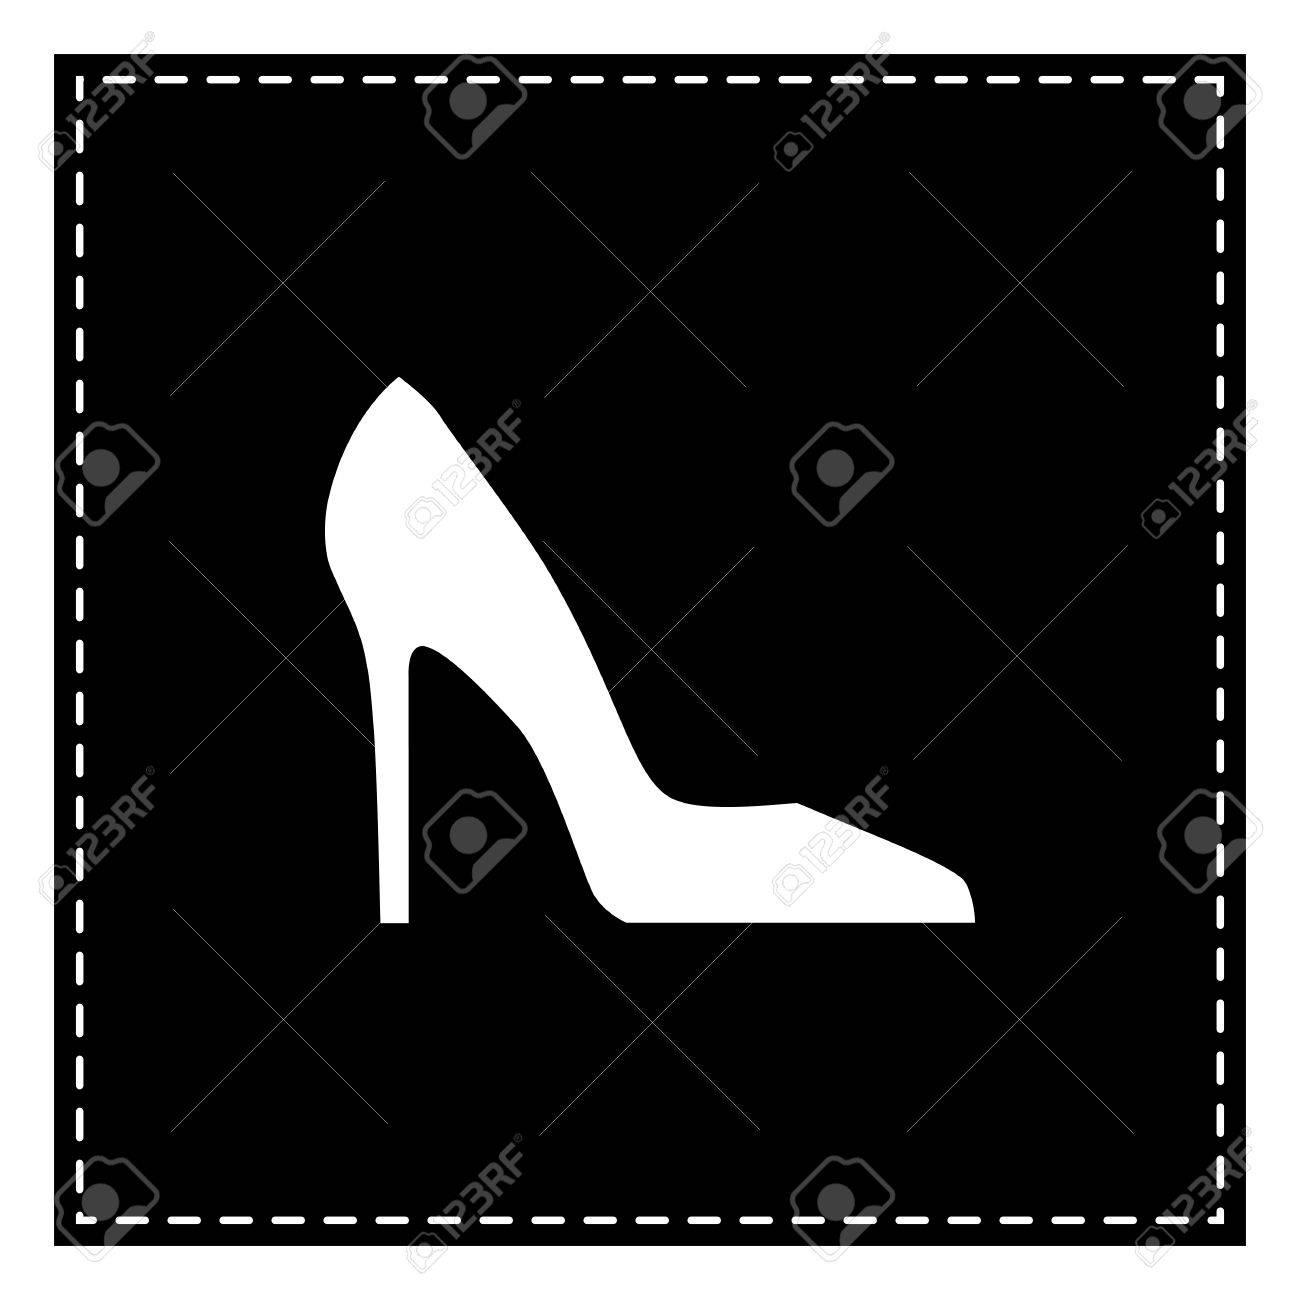 Femme De Fond Signe BlancIsolé ChaussureTache Noire La Sur edxQCoBWr